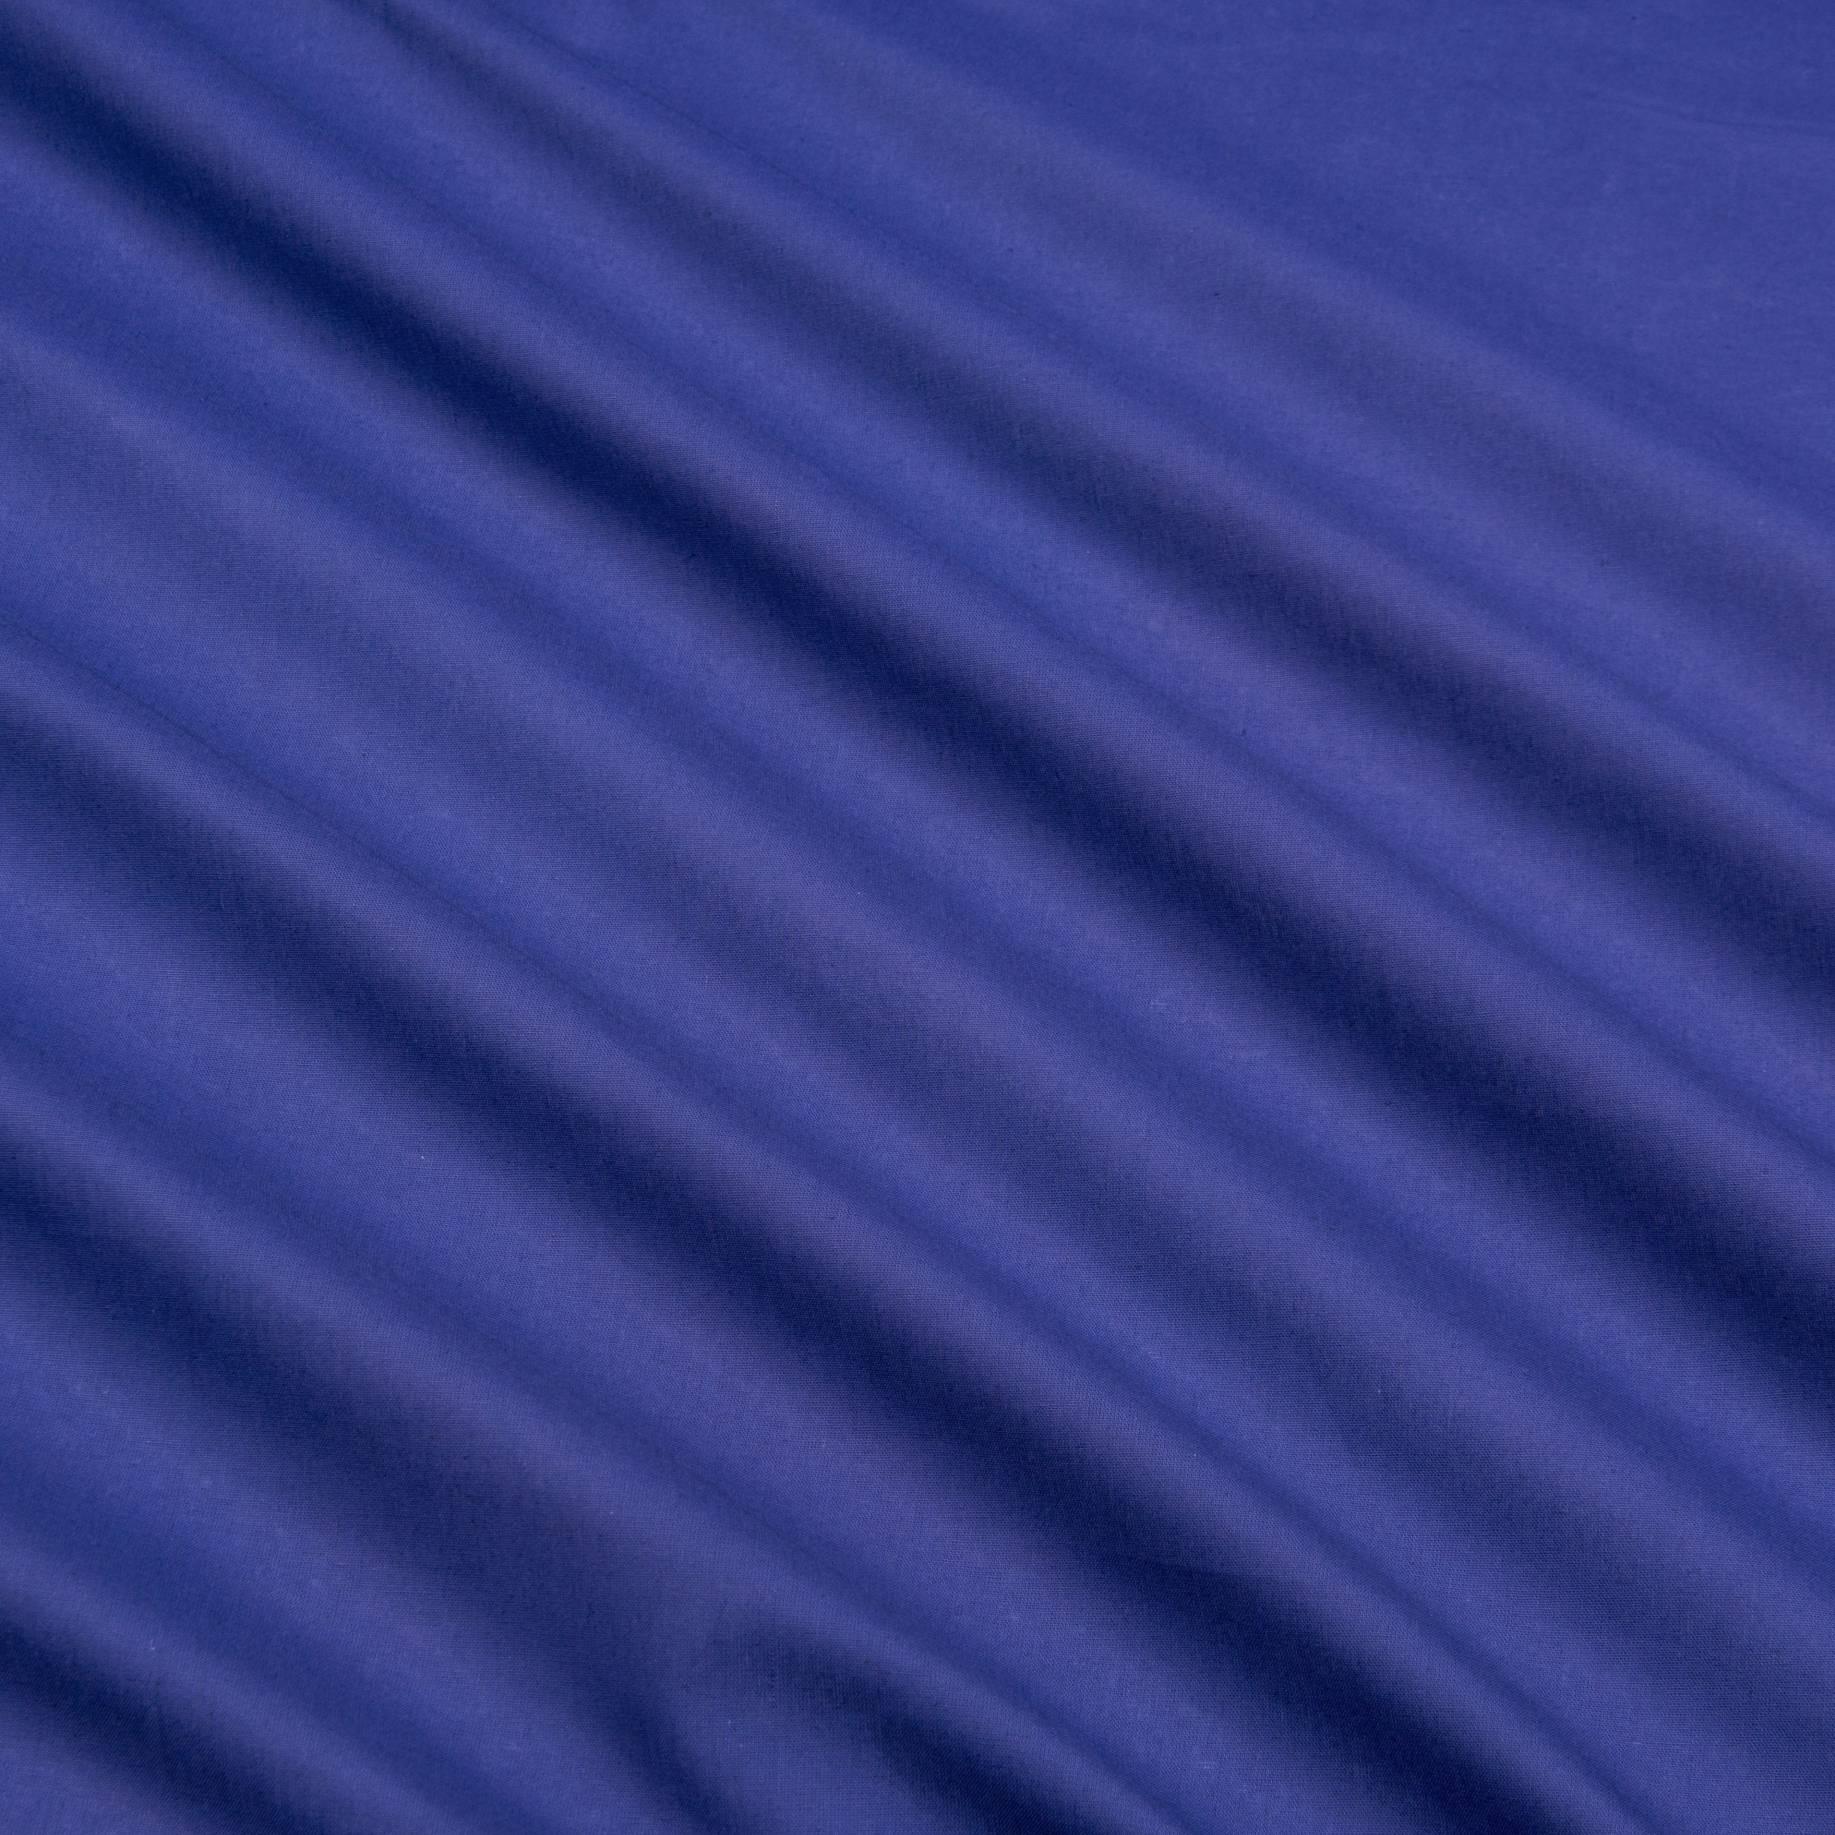 Бязь гладкокрашеная, синяя, плотность 142, 50x50, хлопок 100%